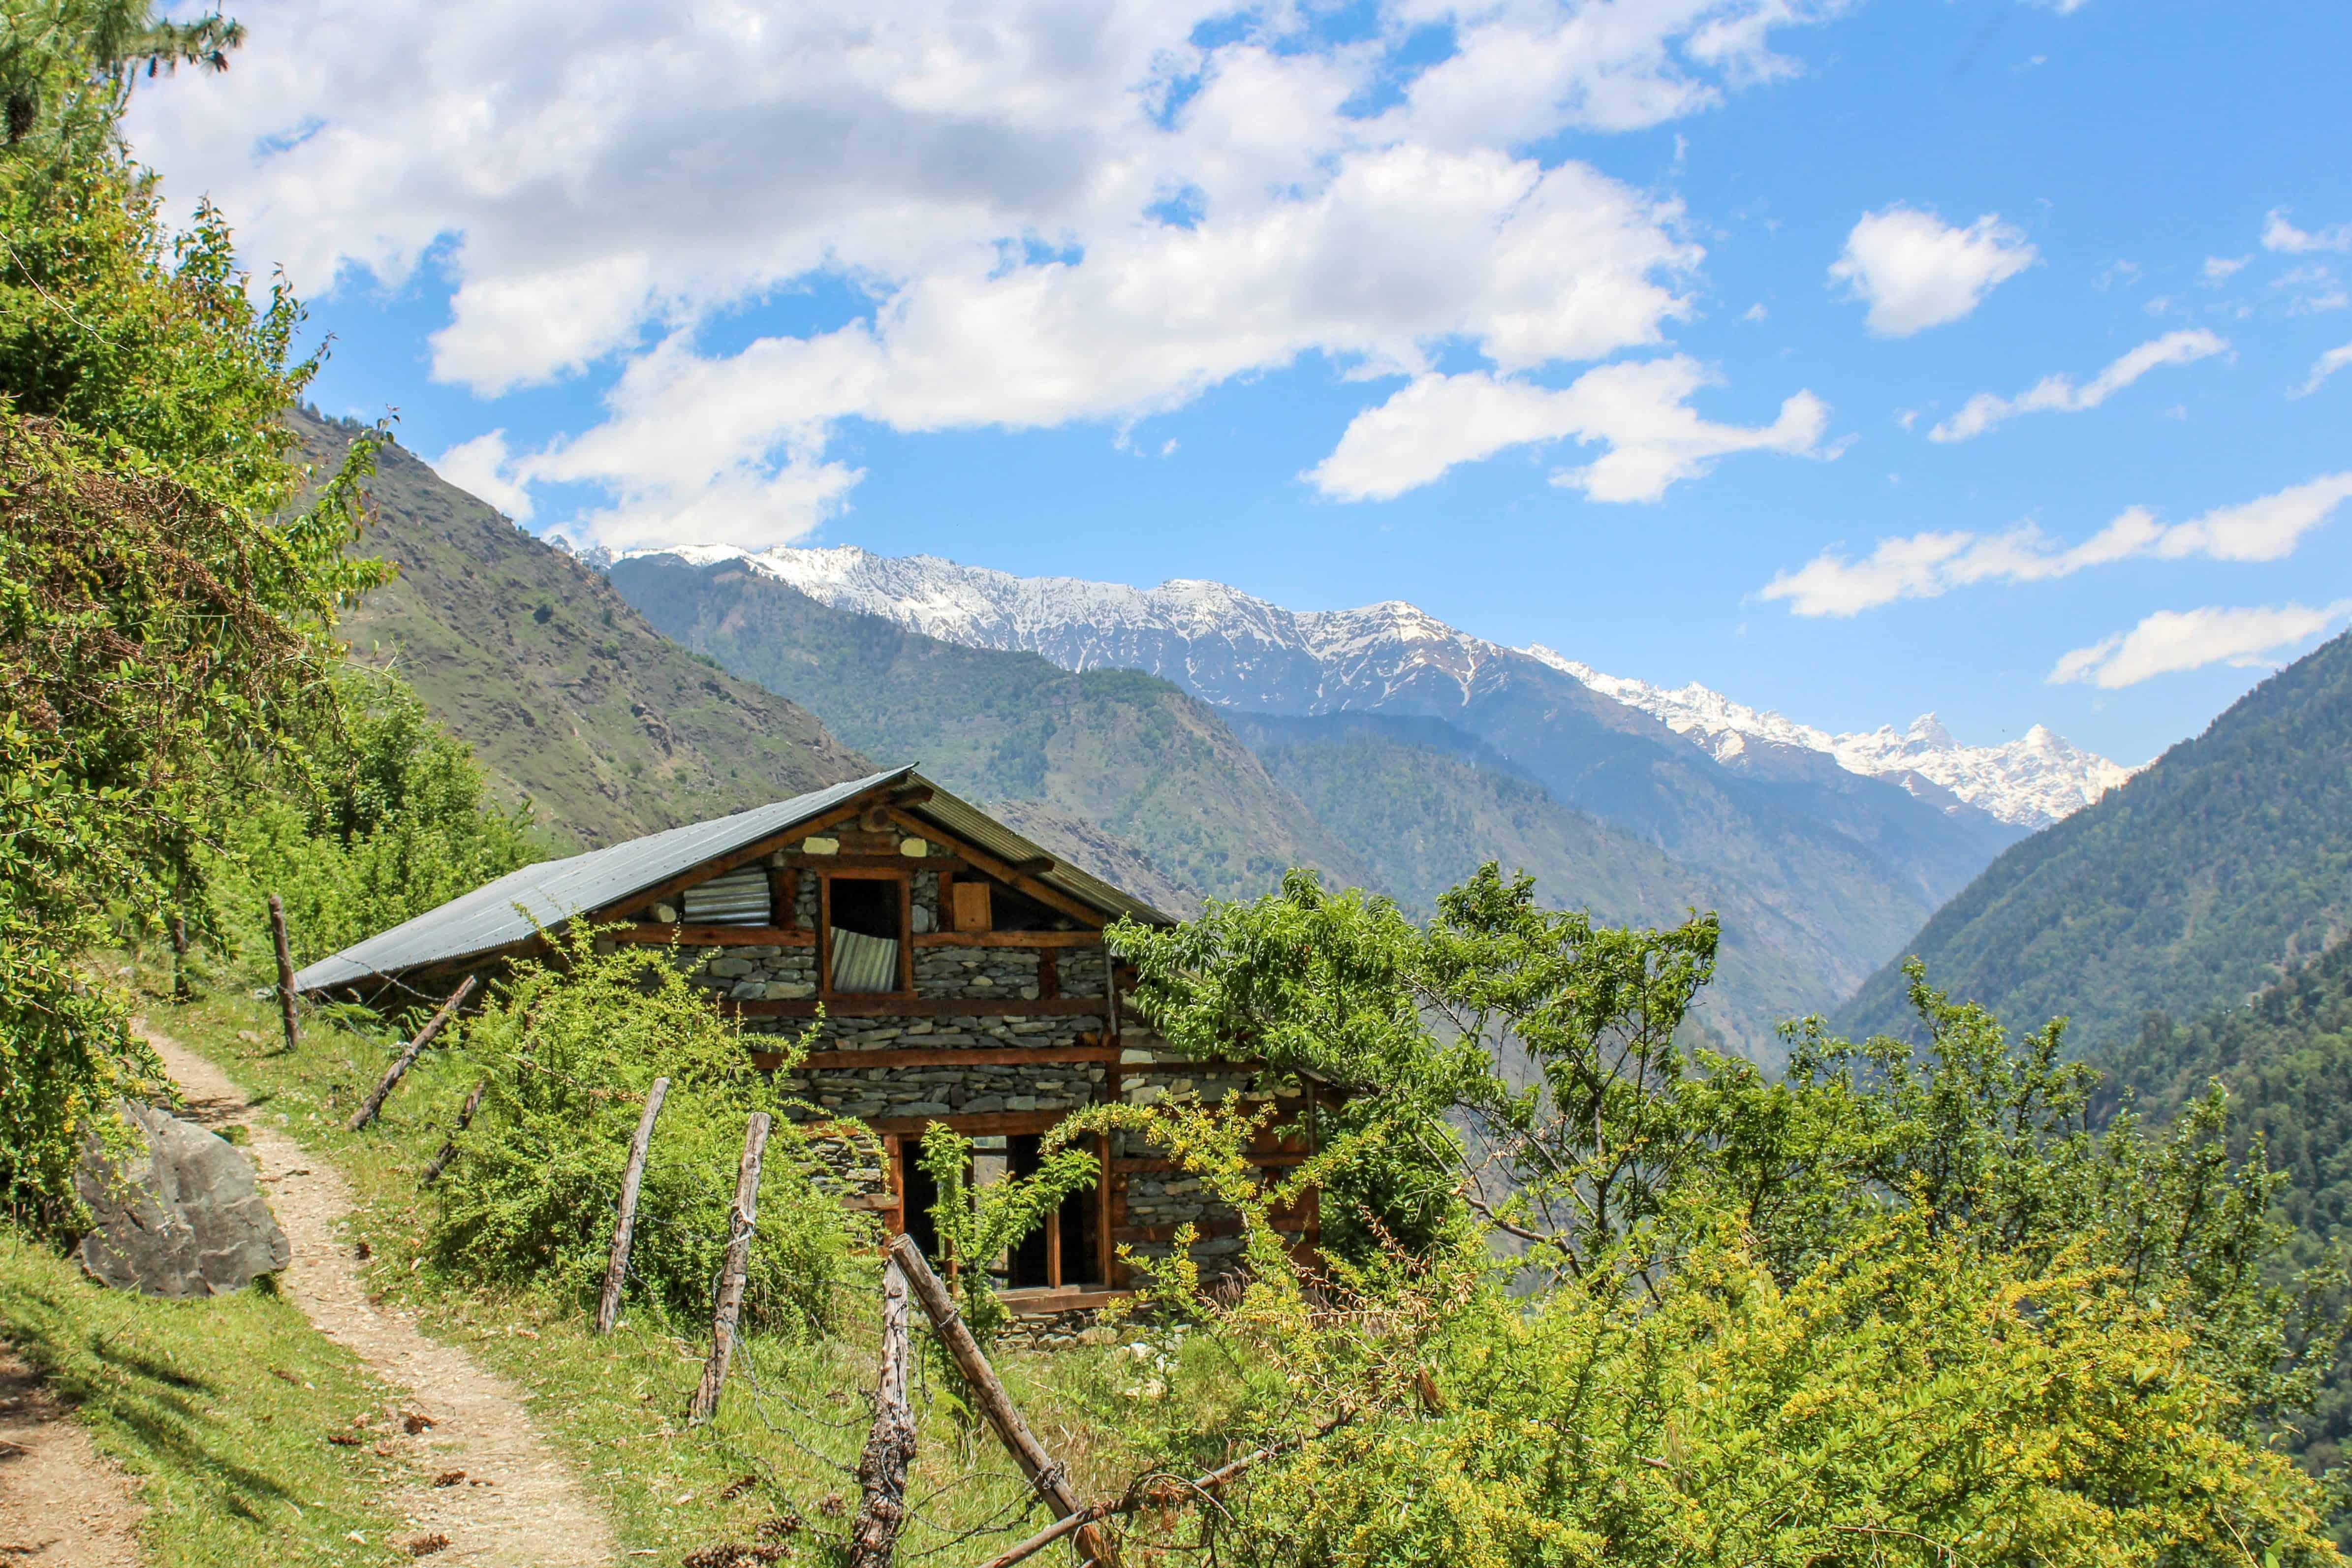 A quaint Himalayan house